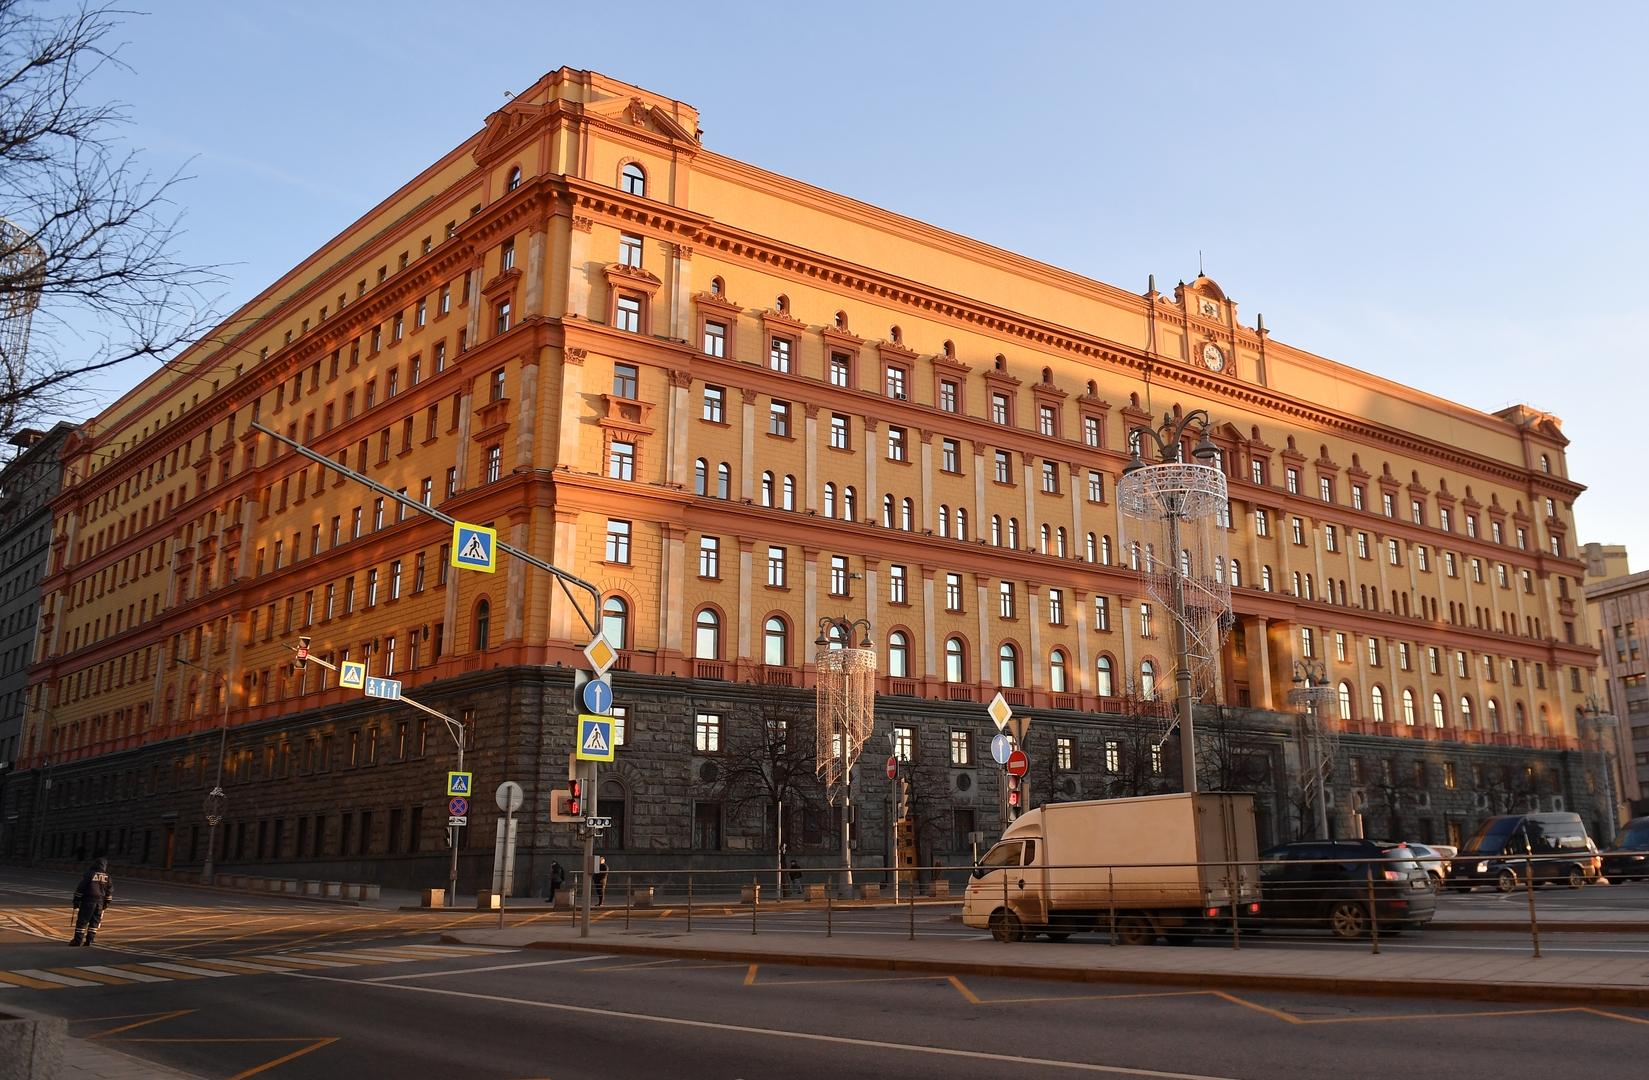 هيئة الأمن الفيدرالية الروسية: توقيف شخصين في موسكو كانا يخططان لانقلاب في بيلاروس واغتيال رئيسها